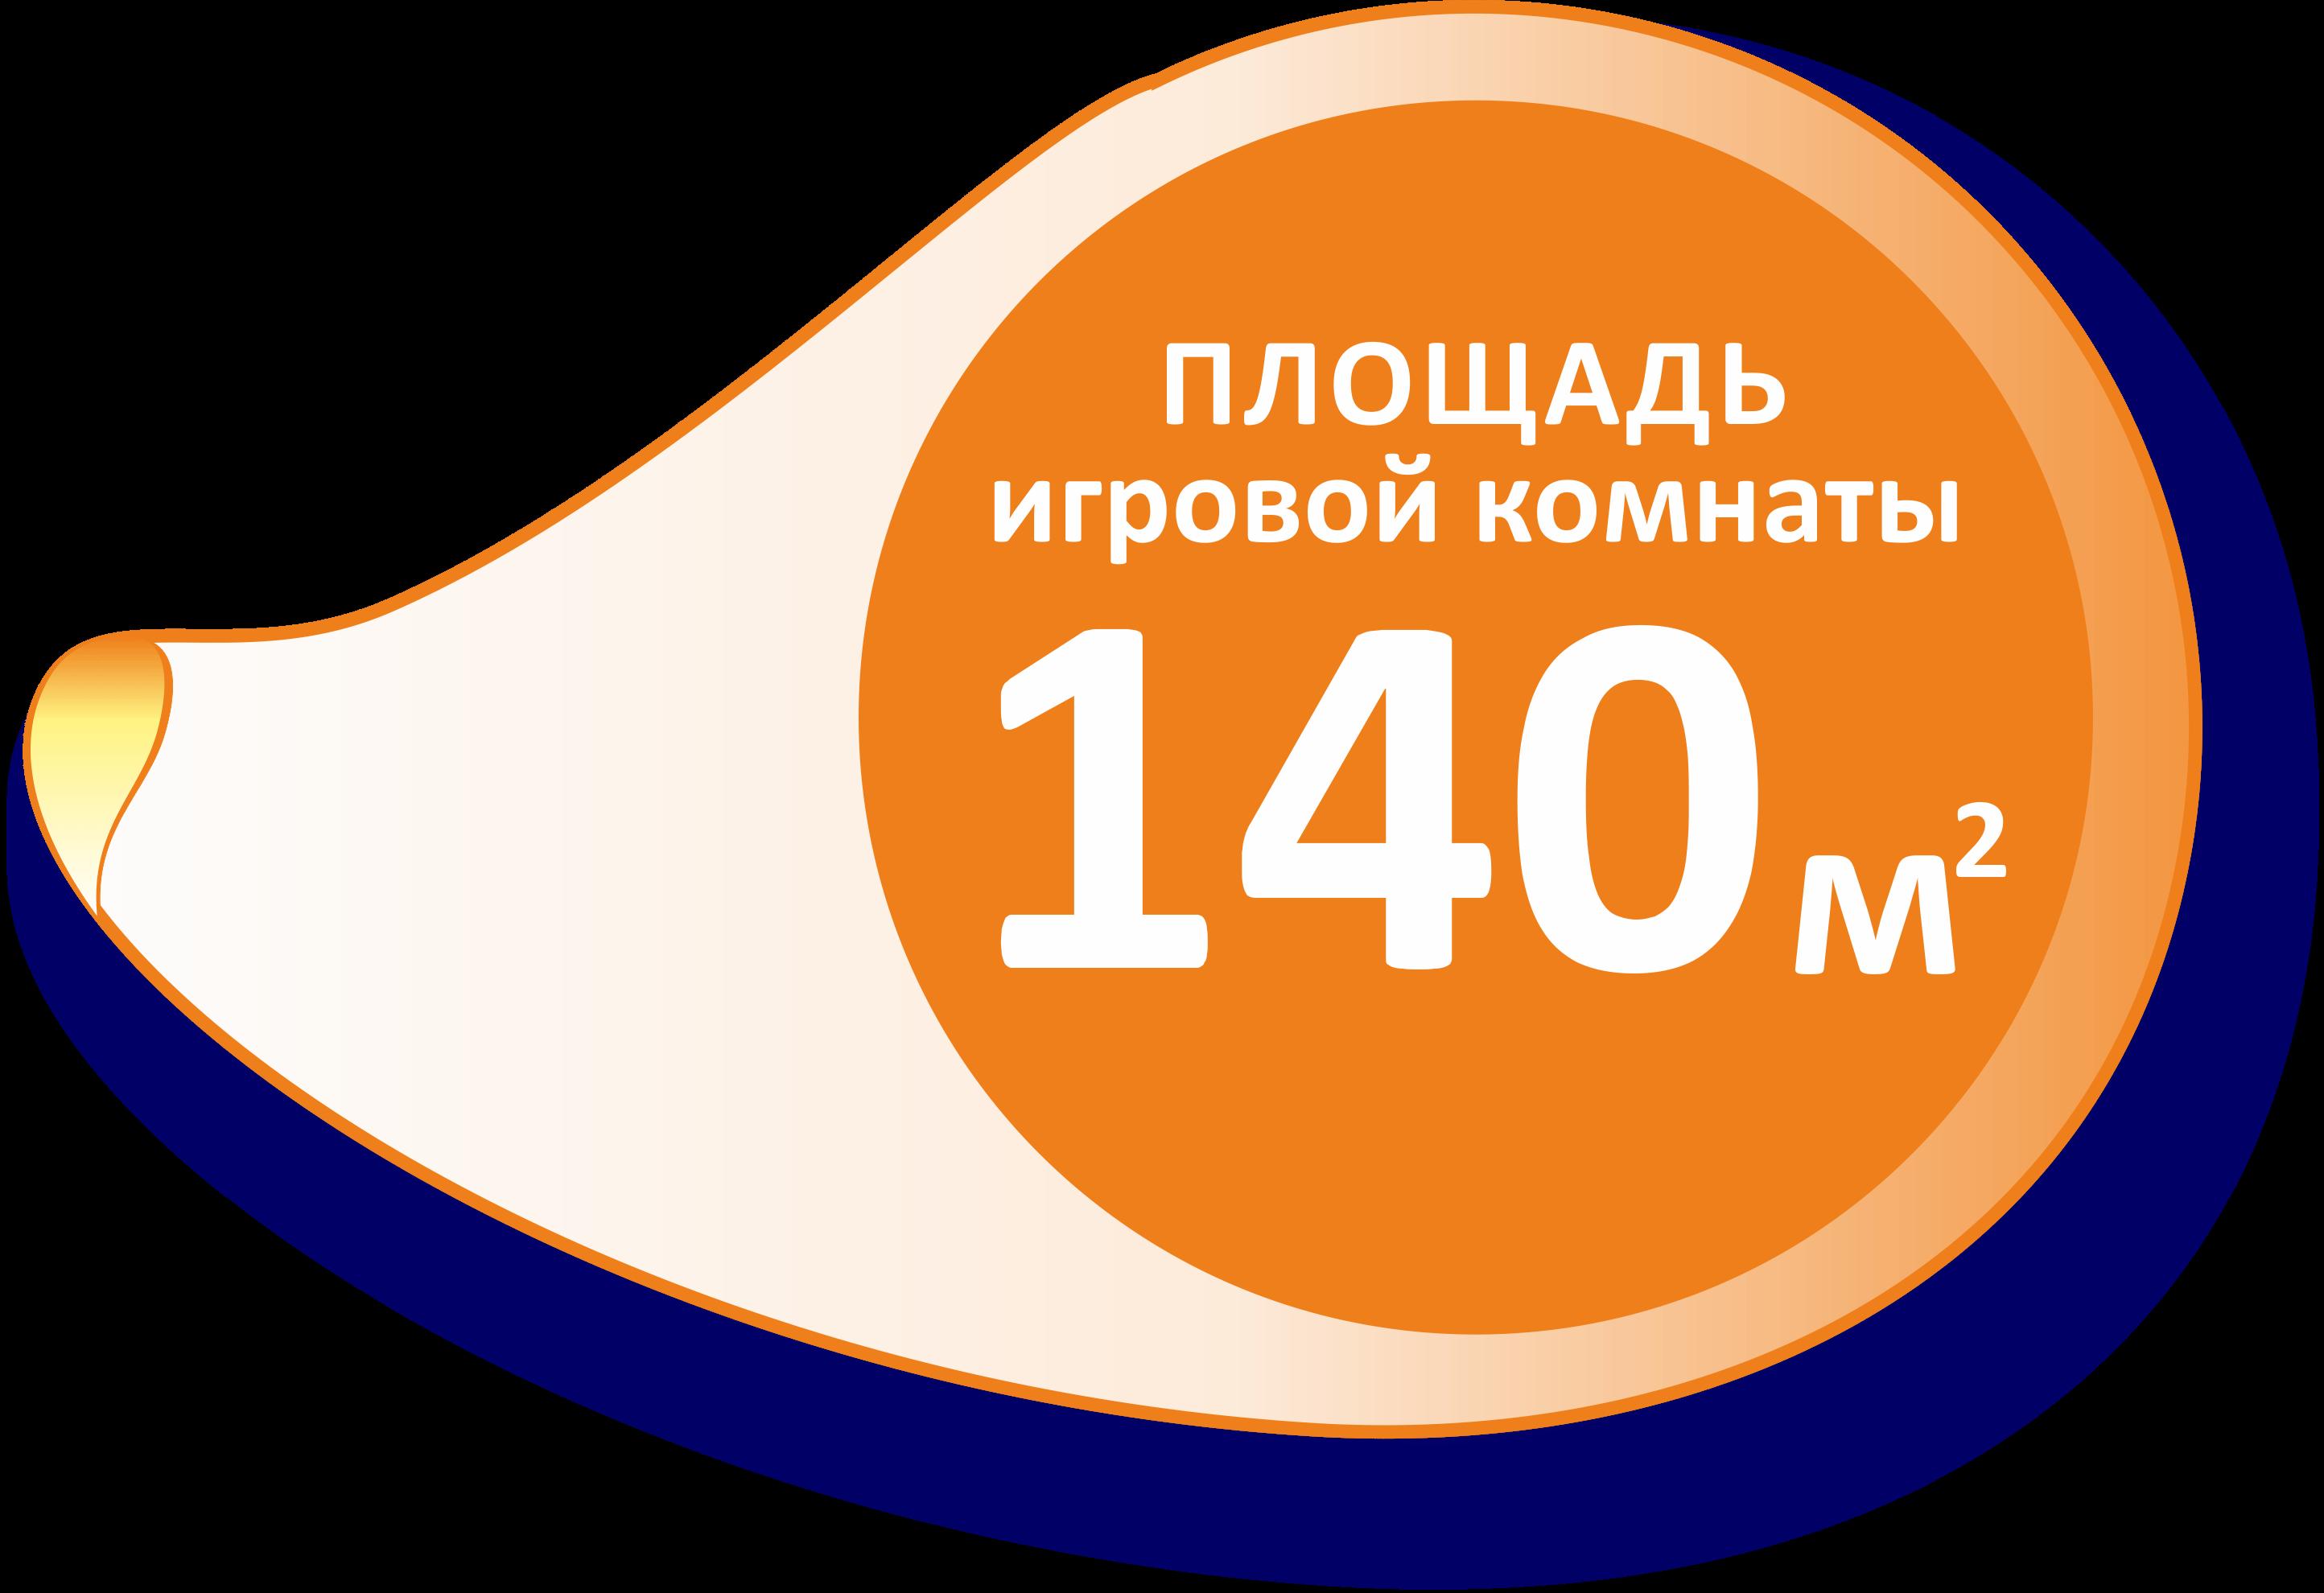 площадь апельсина